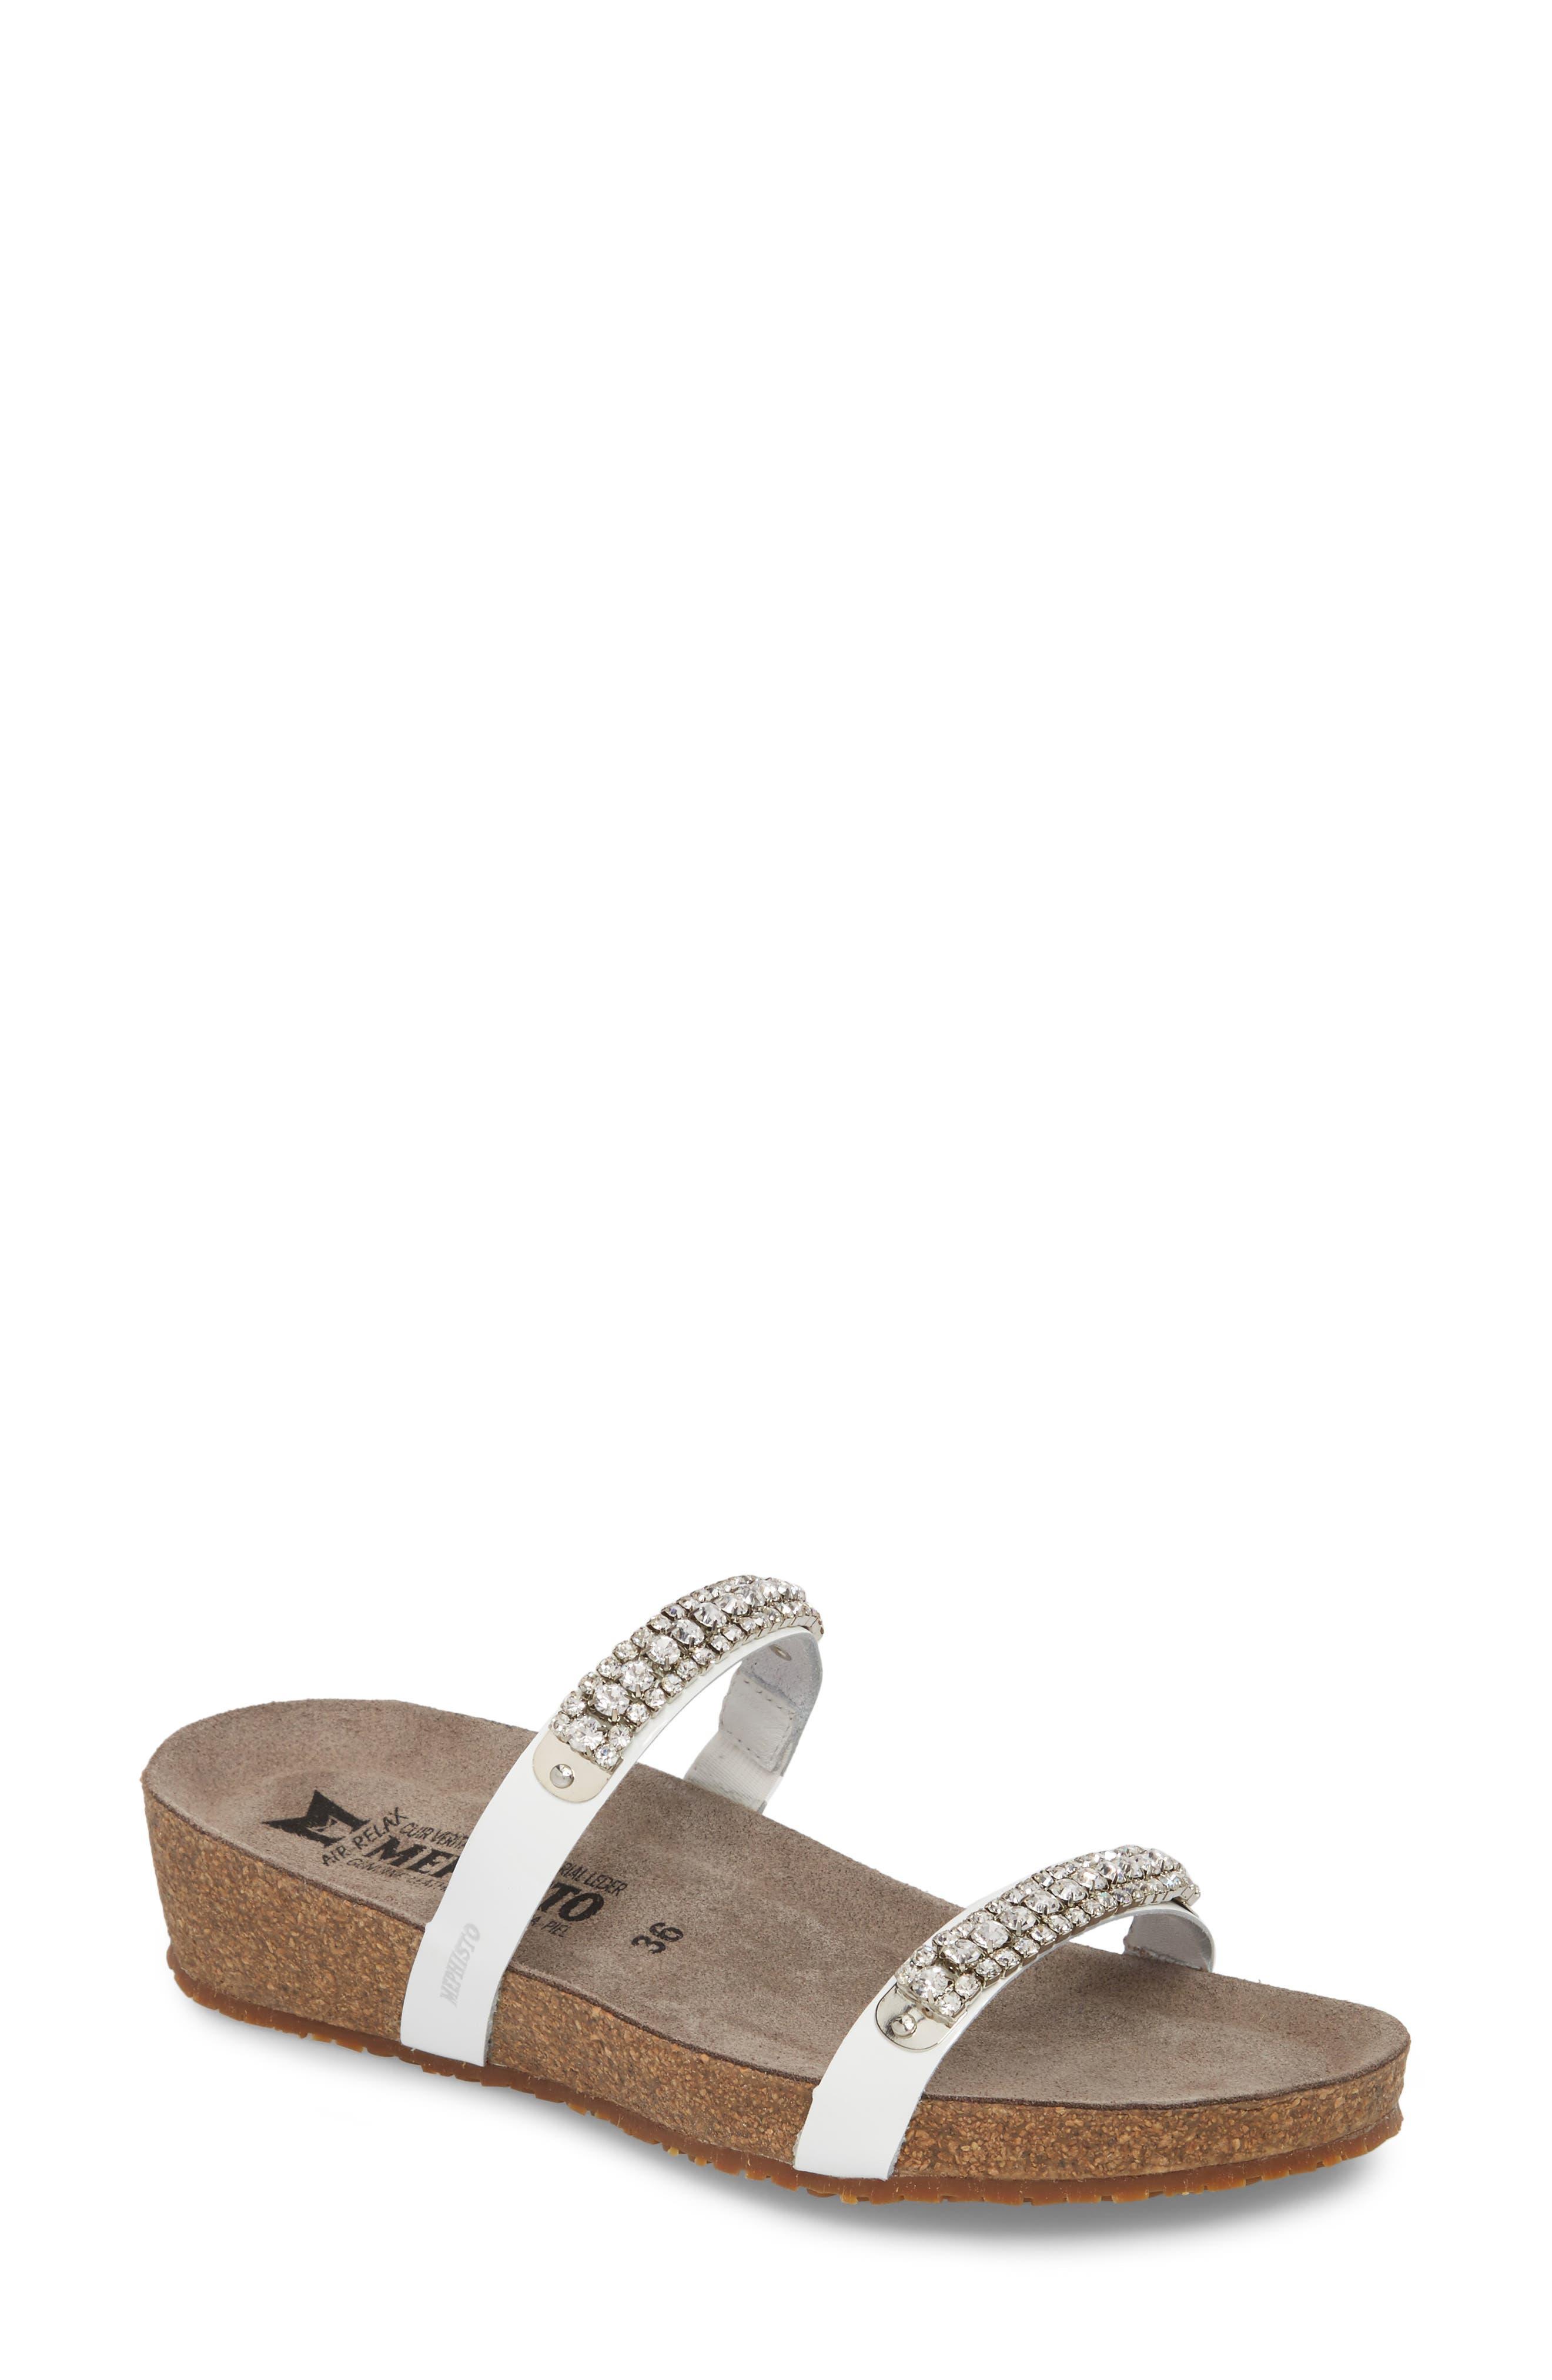 'Ivana' Crystal Embellished Slide Sandal,                         Main,                         color, White Patent